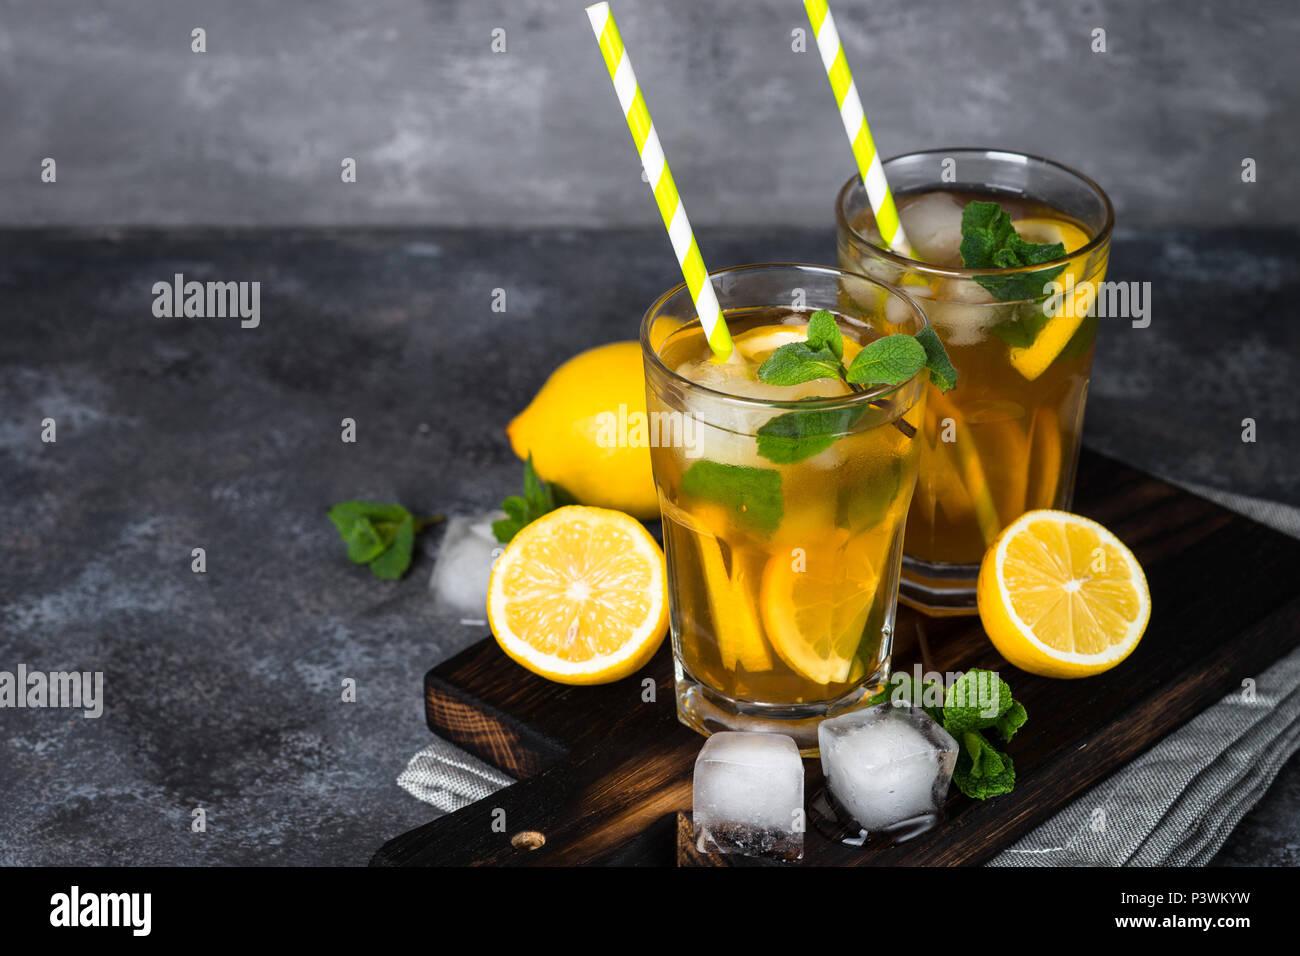 Eistee Sommer Kaltes Getränk Mit Schwarzer Tee Zitrone Minze Und